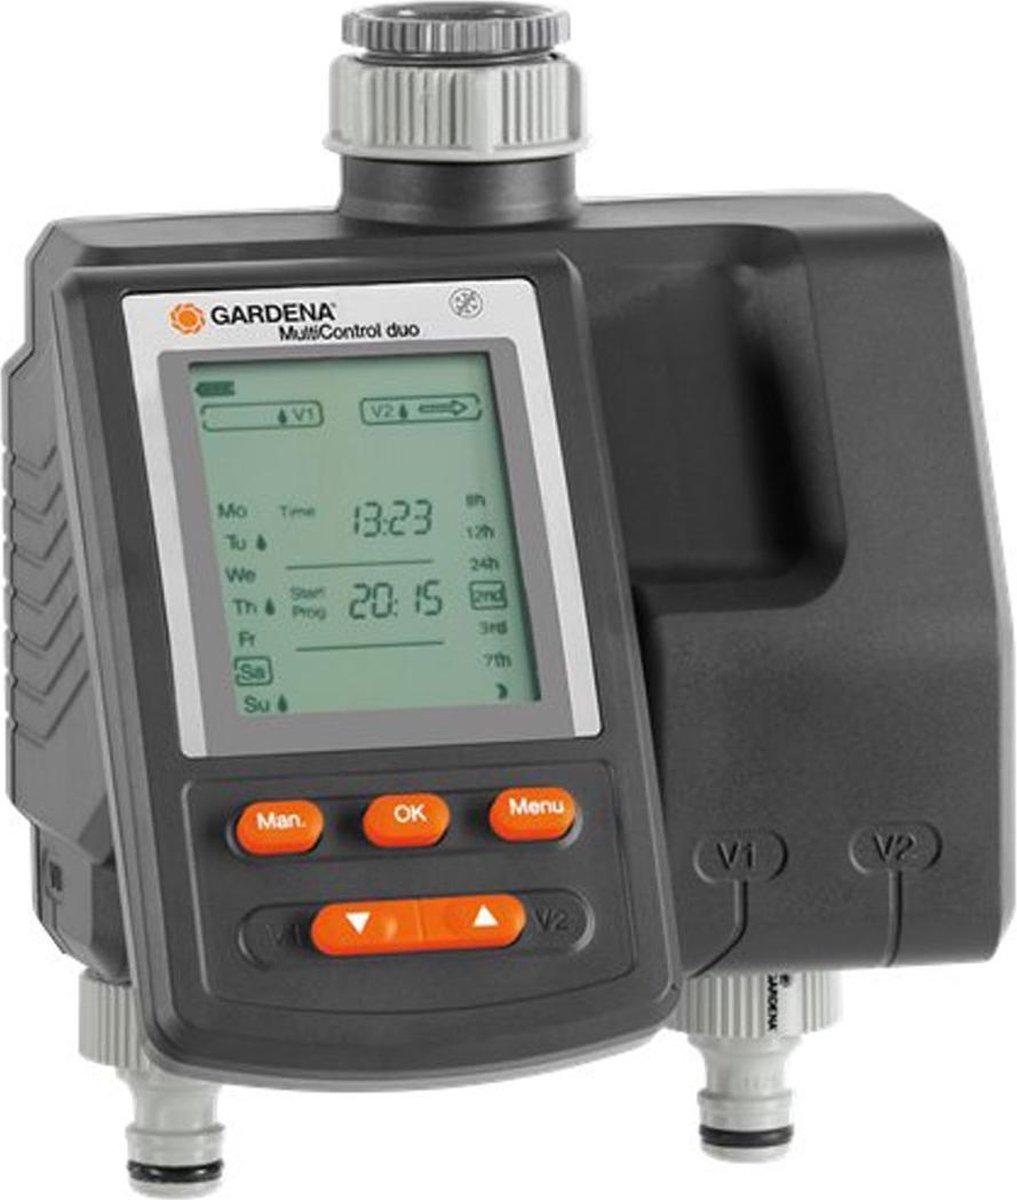 GARDENA Besproeiingsomputer MultiControl Duo - 3 besproeiingen per dag - 1min tot 3u 59min.